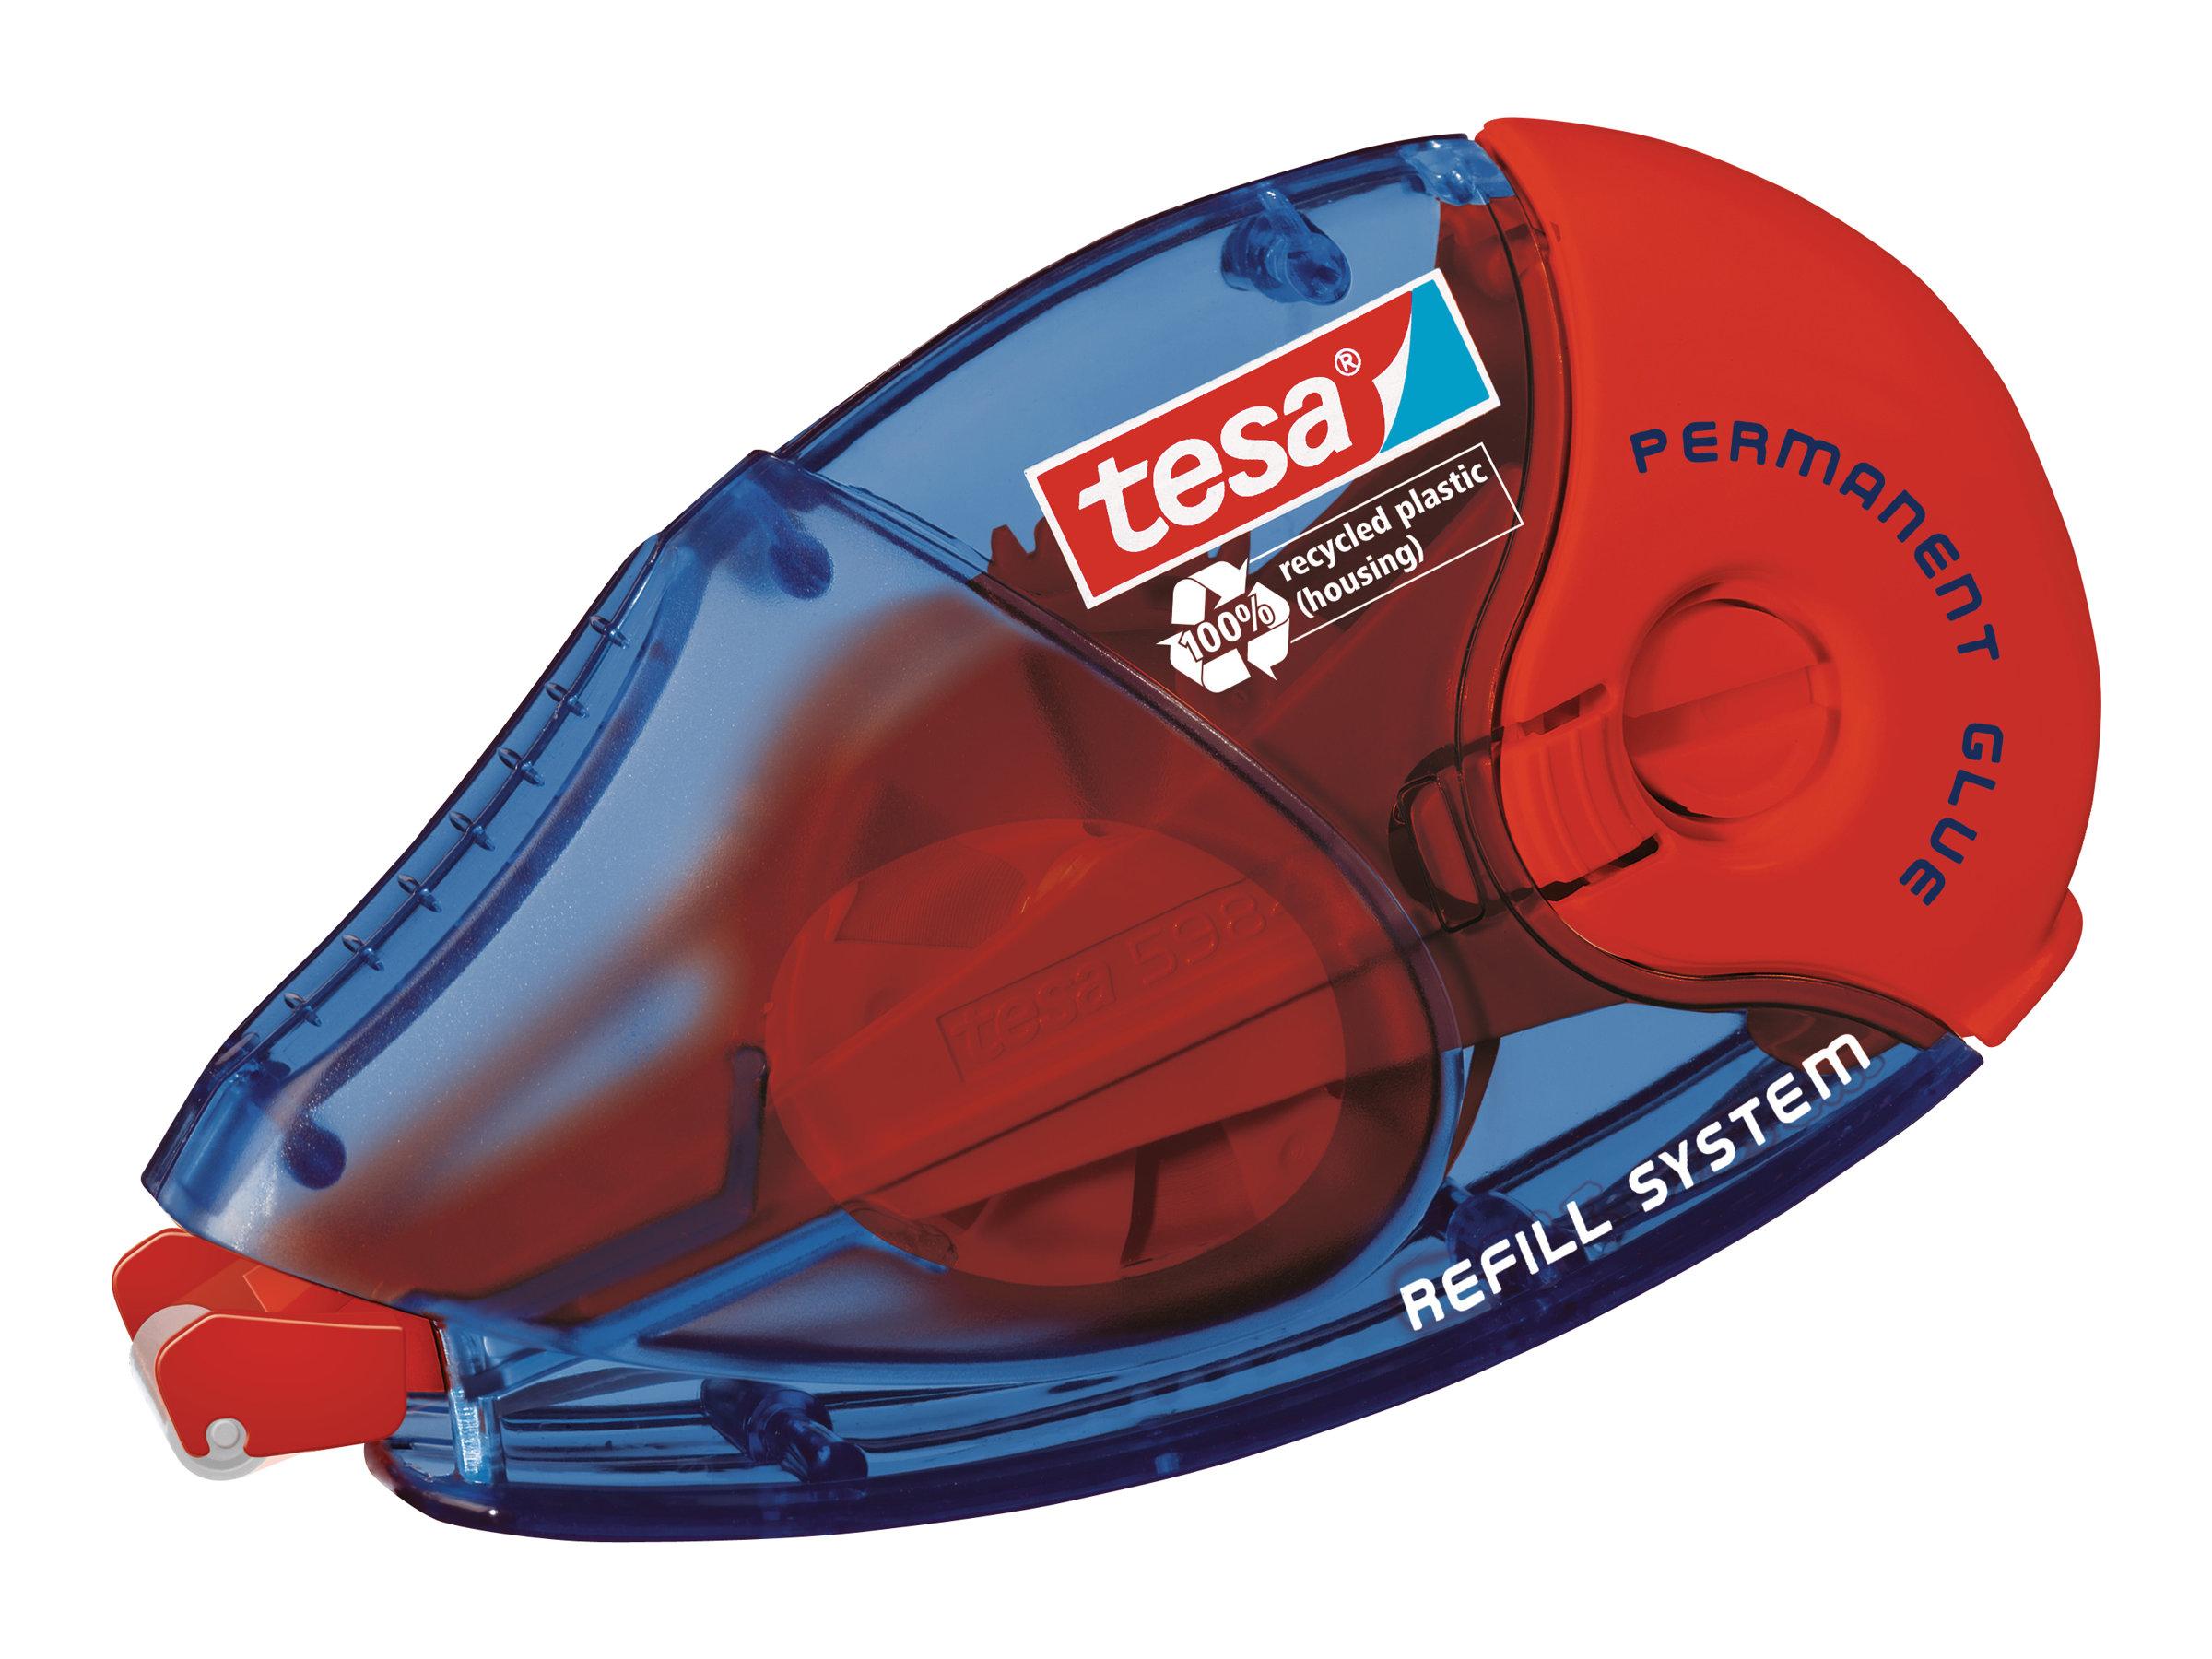 Tesa - Roller de colle - 8.4 mm x 14 m - rouge - permanent - boîtier transparent